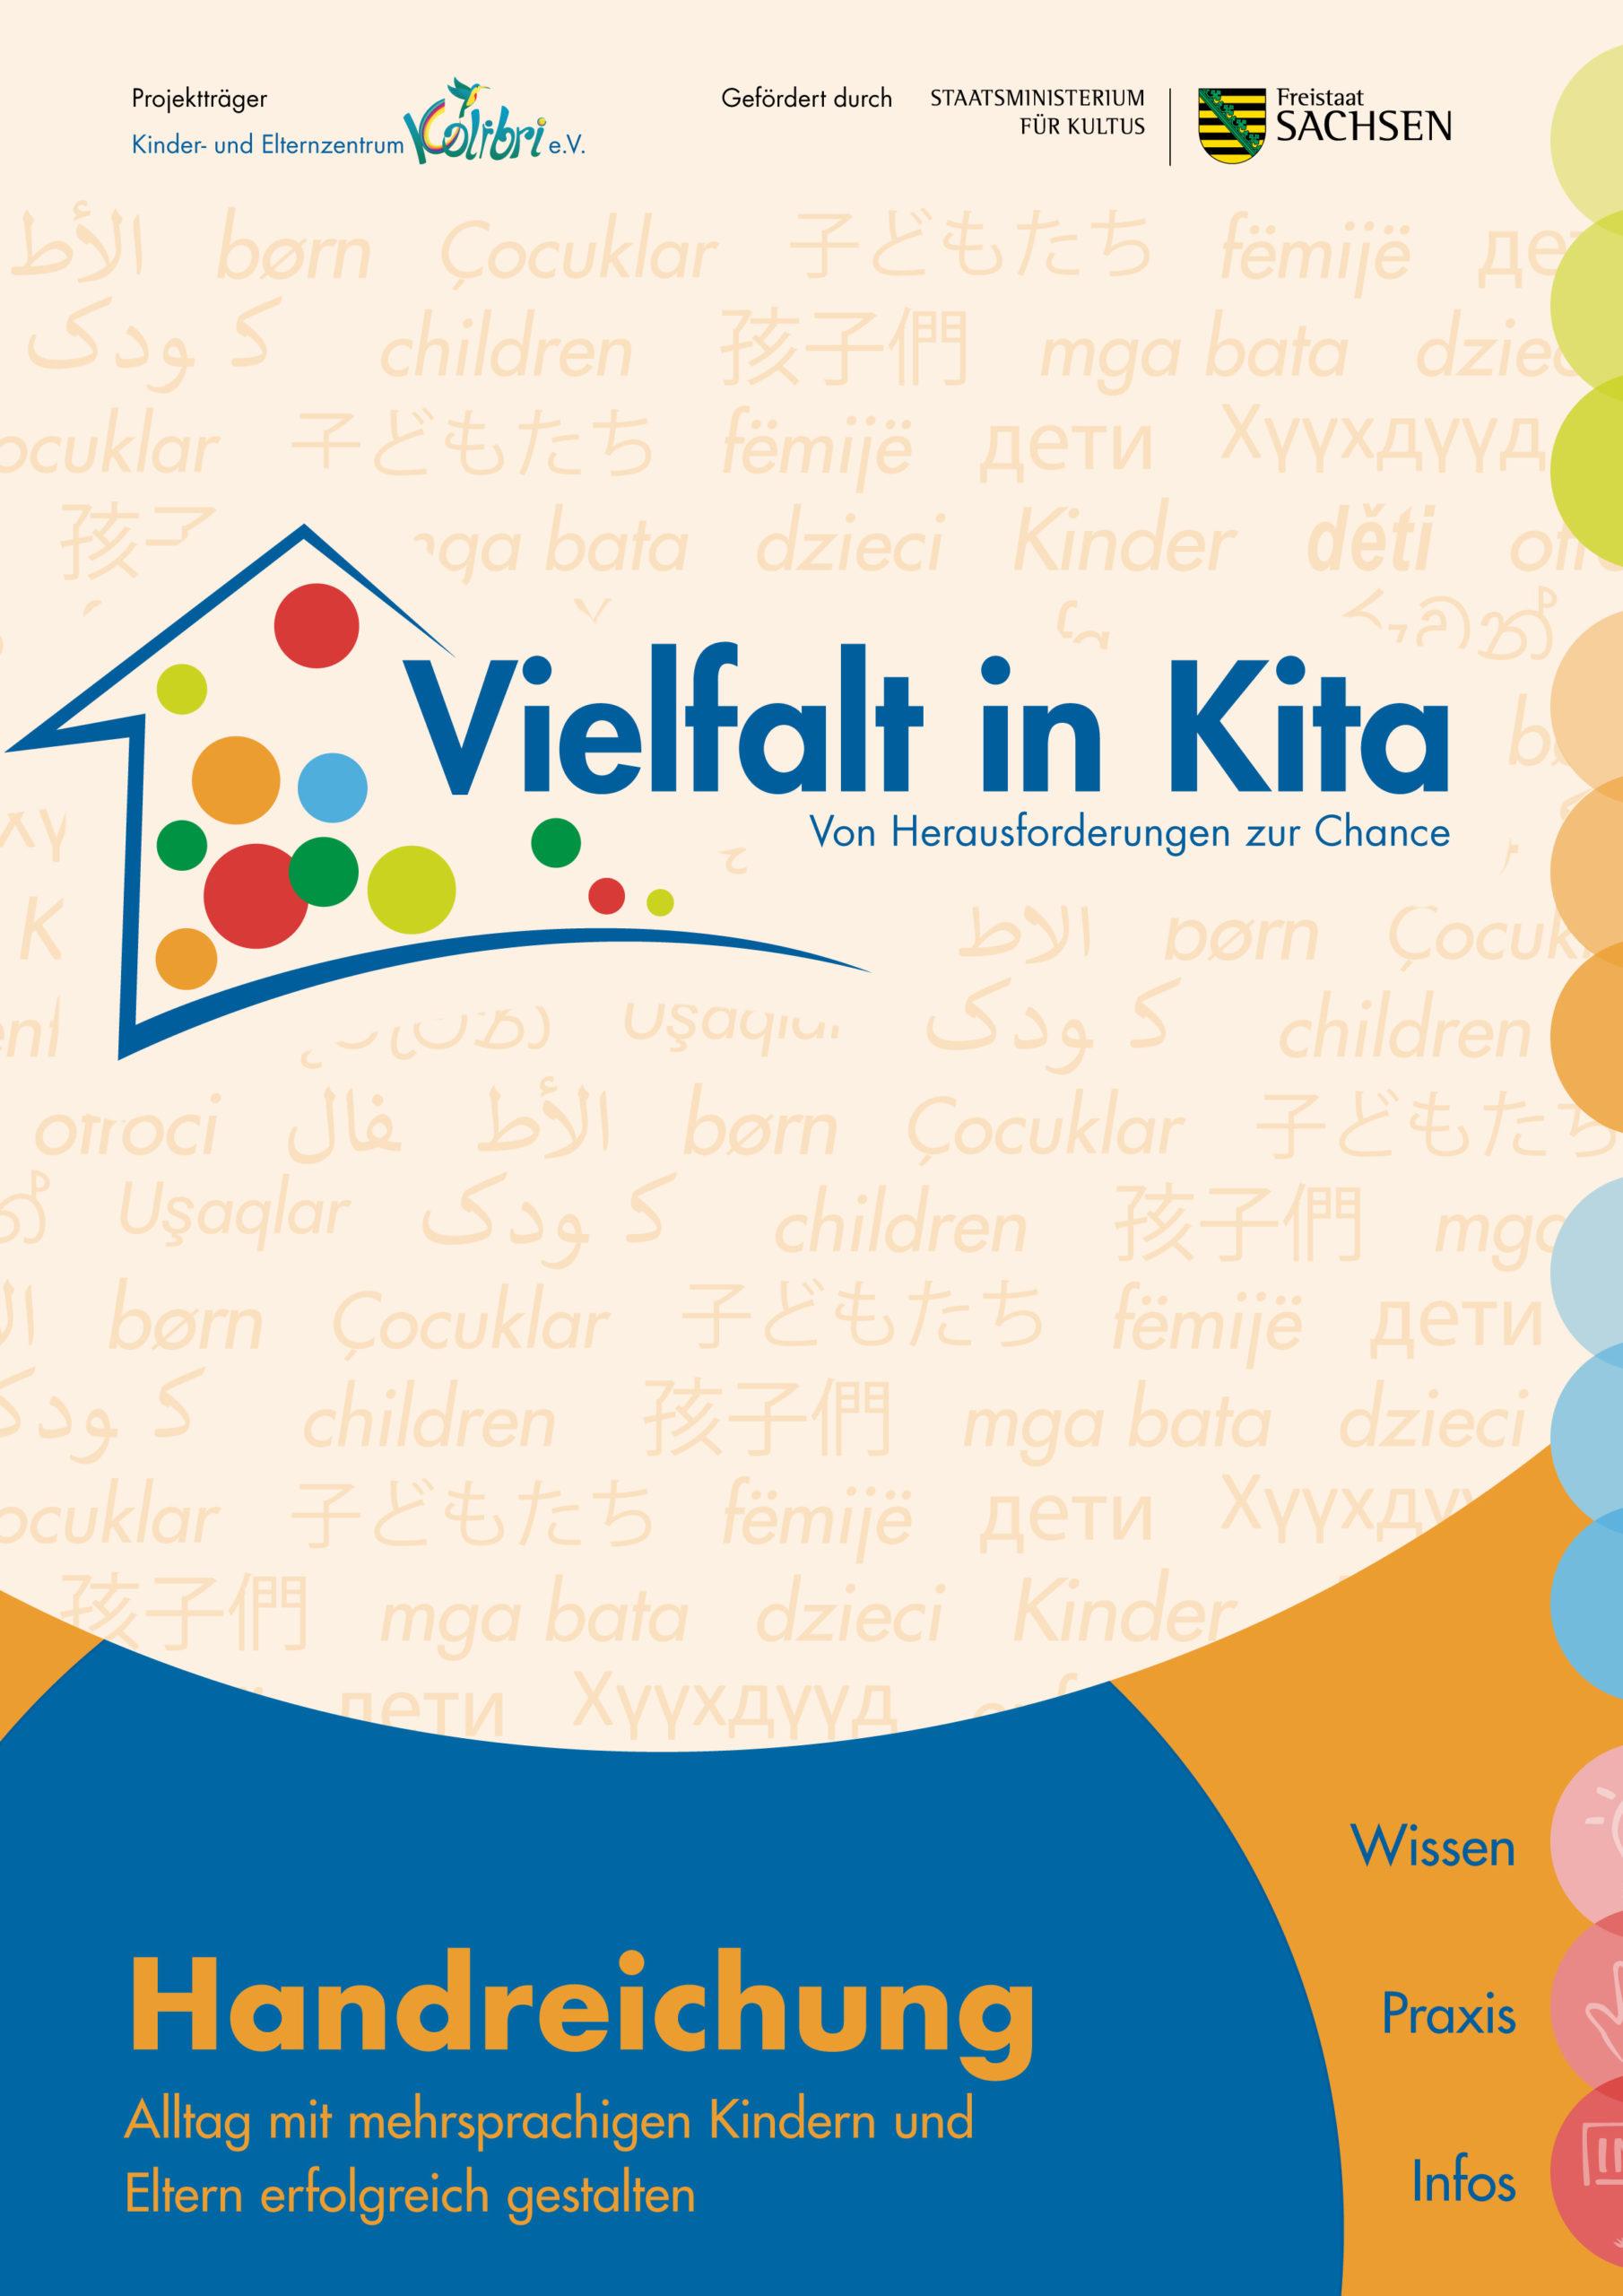 Alltag mit mehrsprachigen Kindern und Eltern erfolgreich gestalten